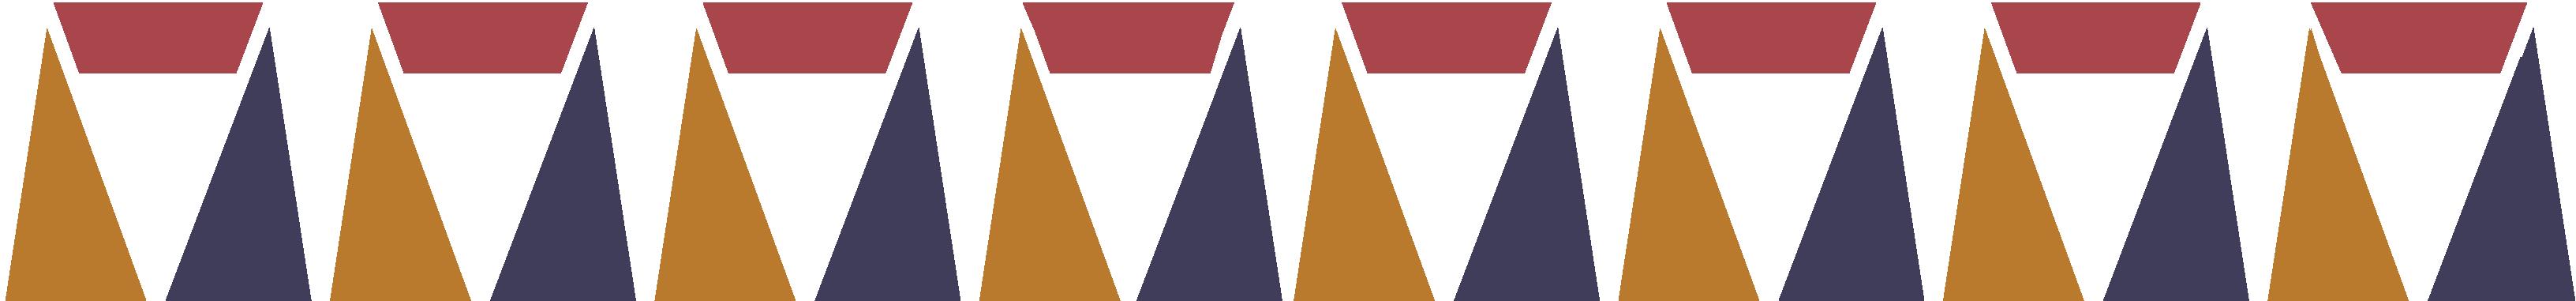 Geometría azul